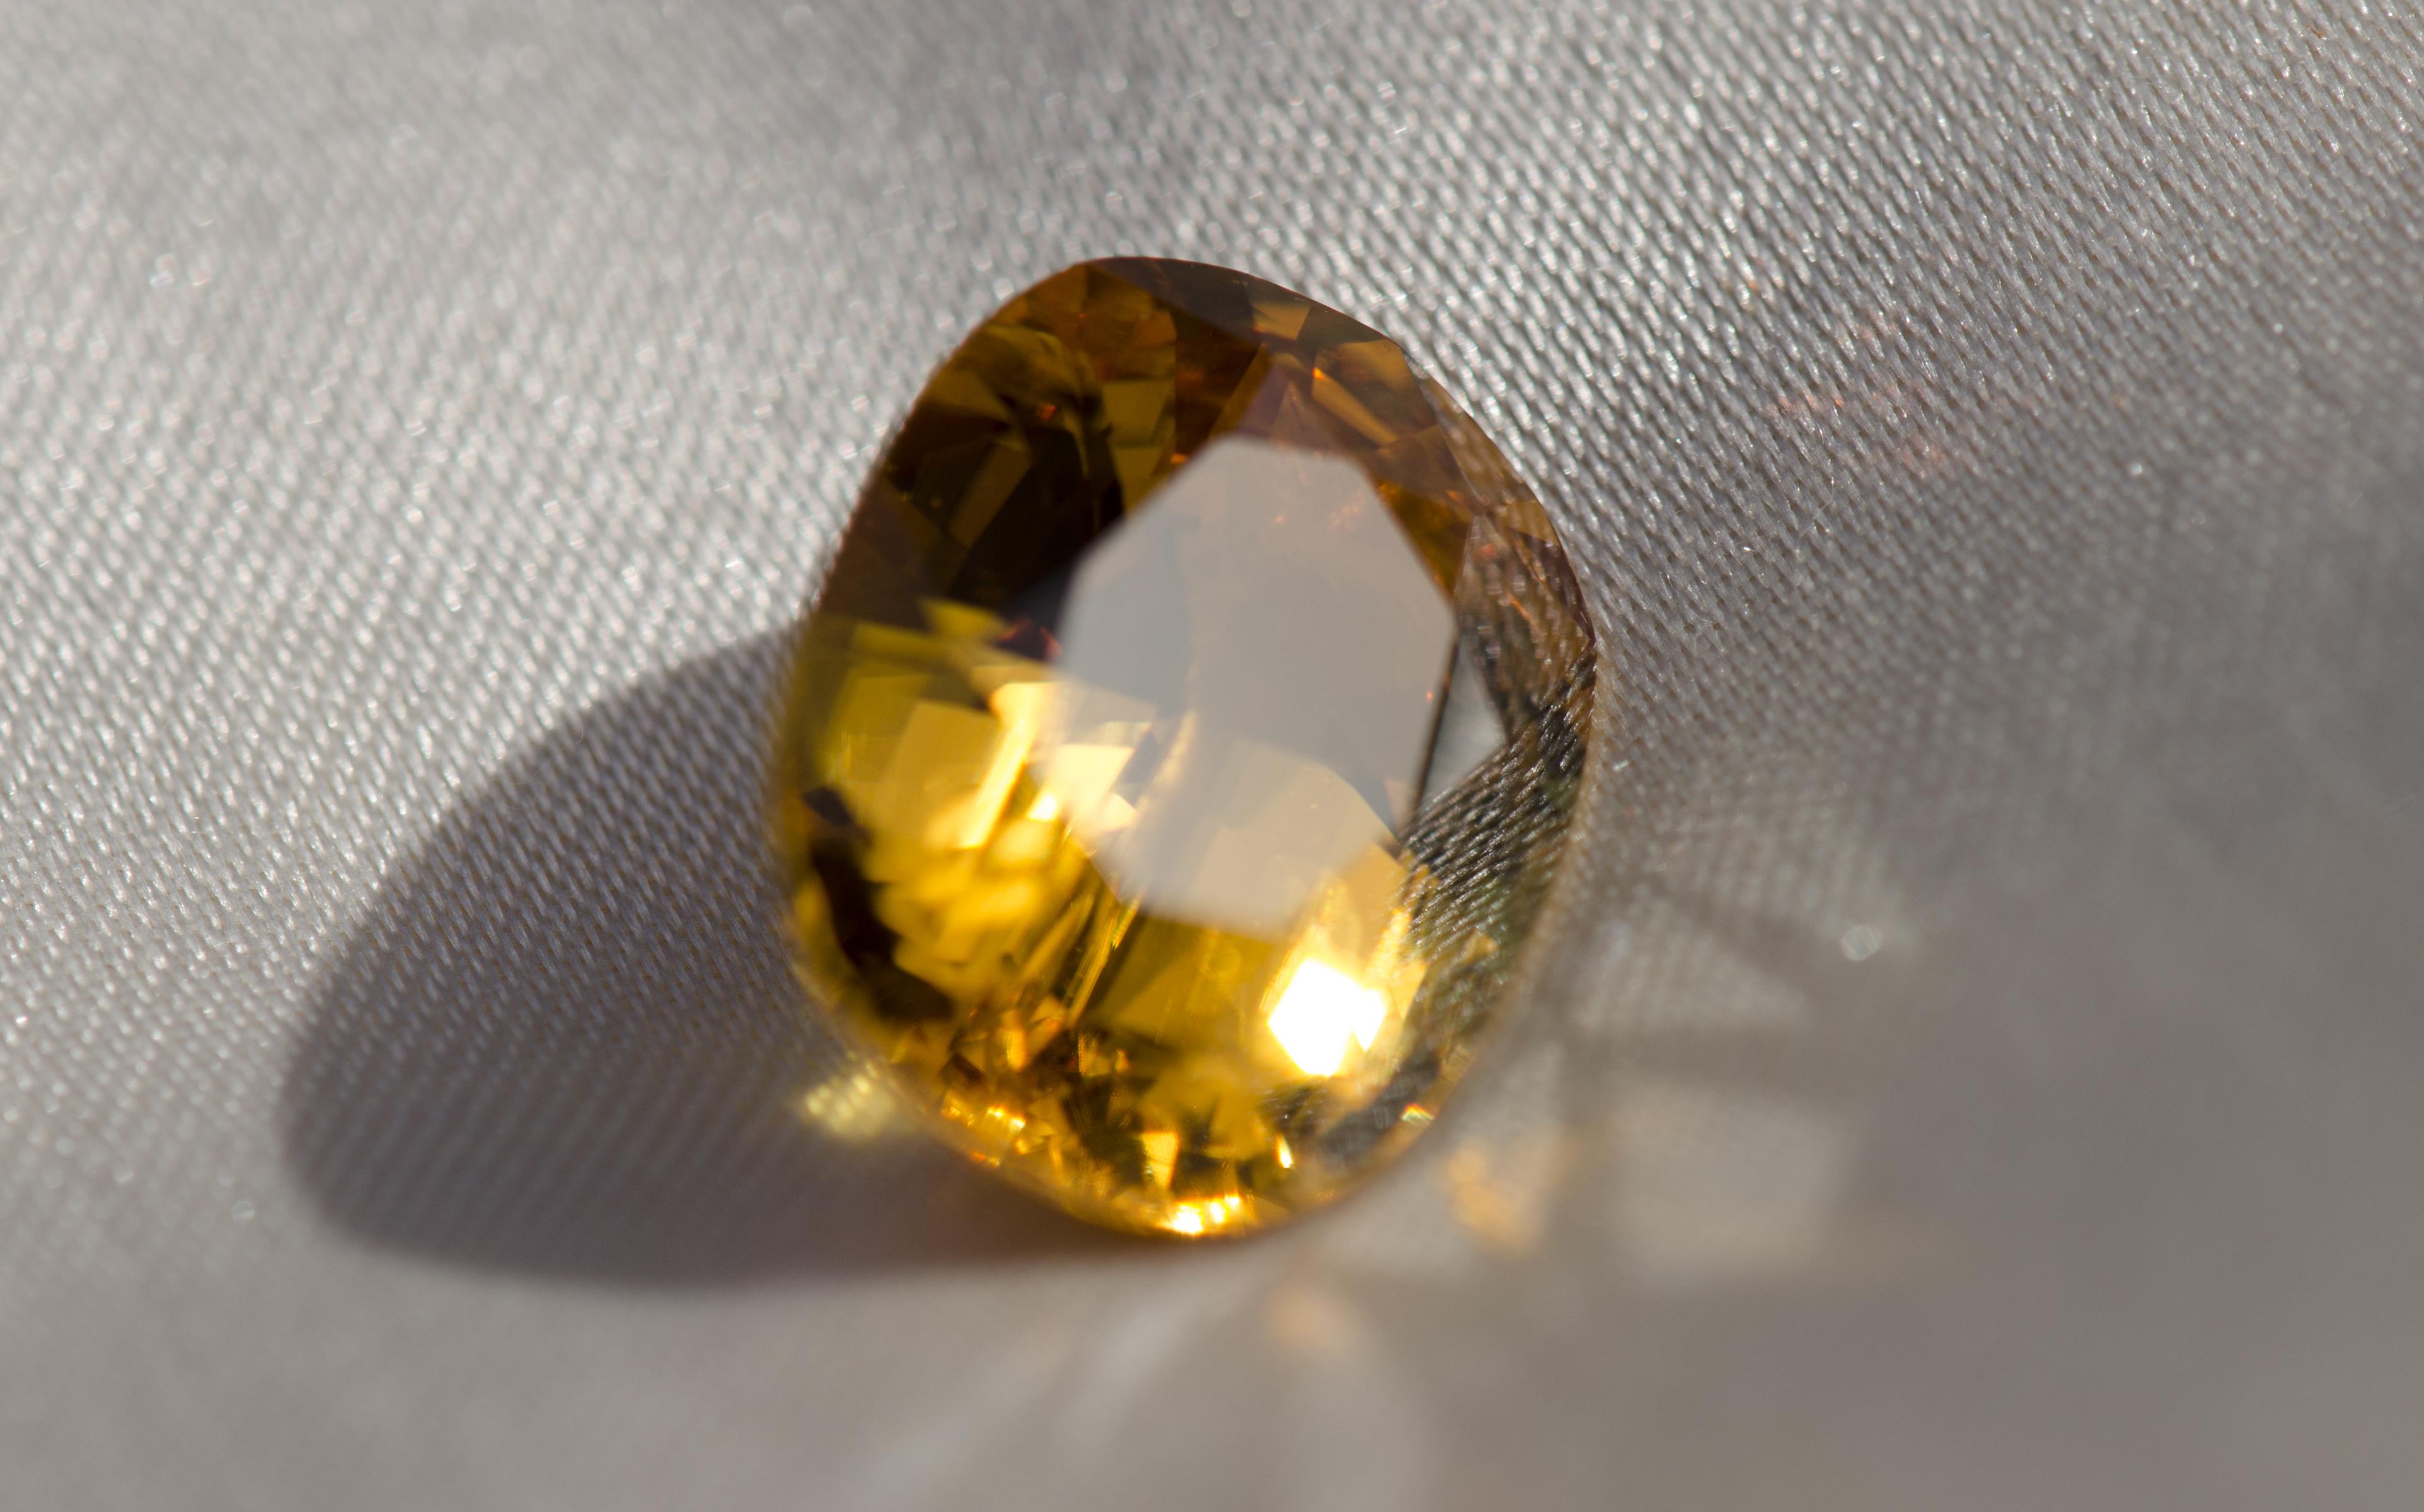 Saphir jaune de 10,99 carats